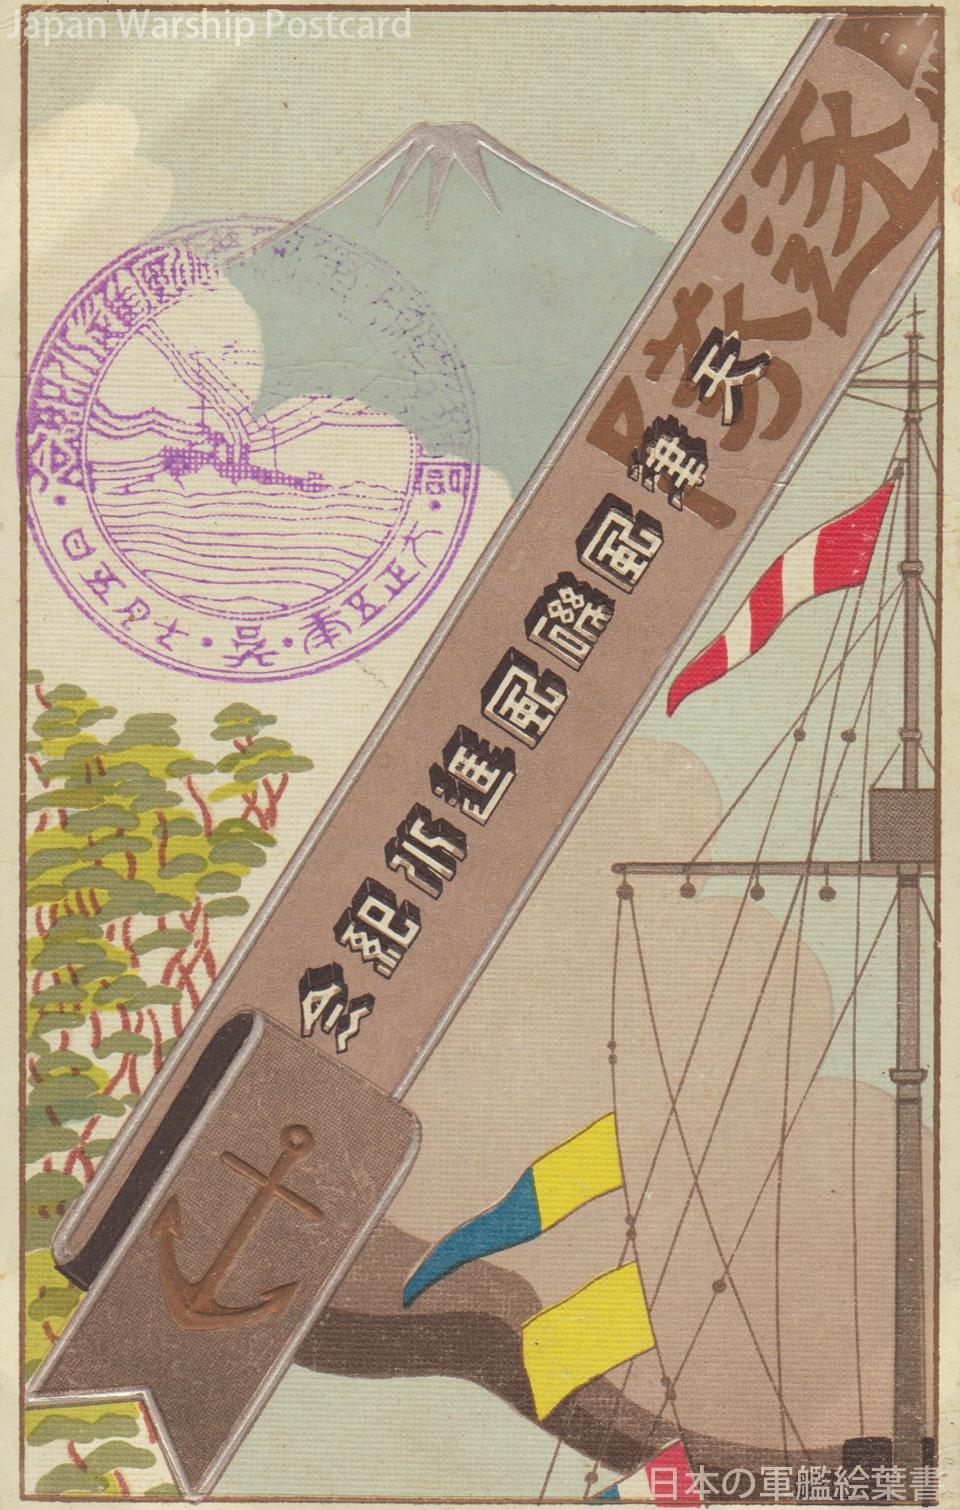 磯風型駆逐艦「天津風」